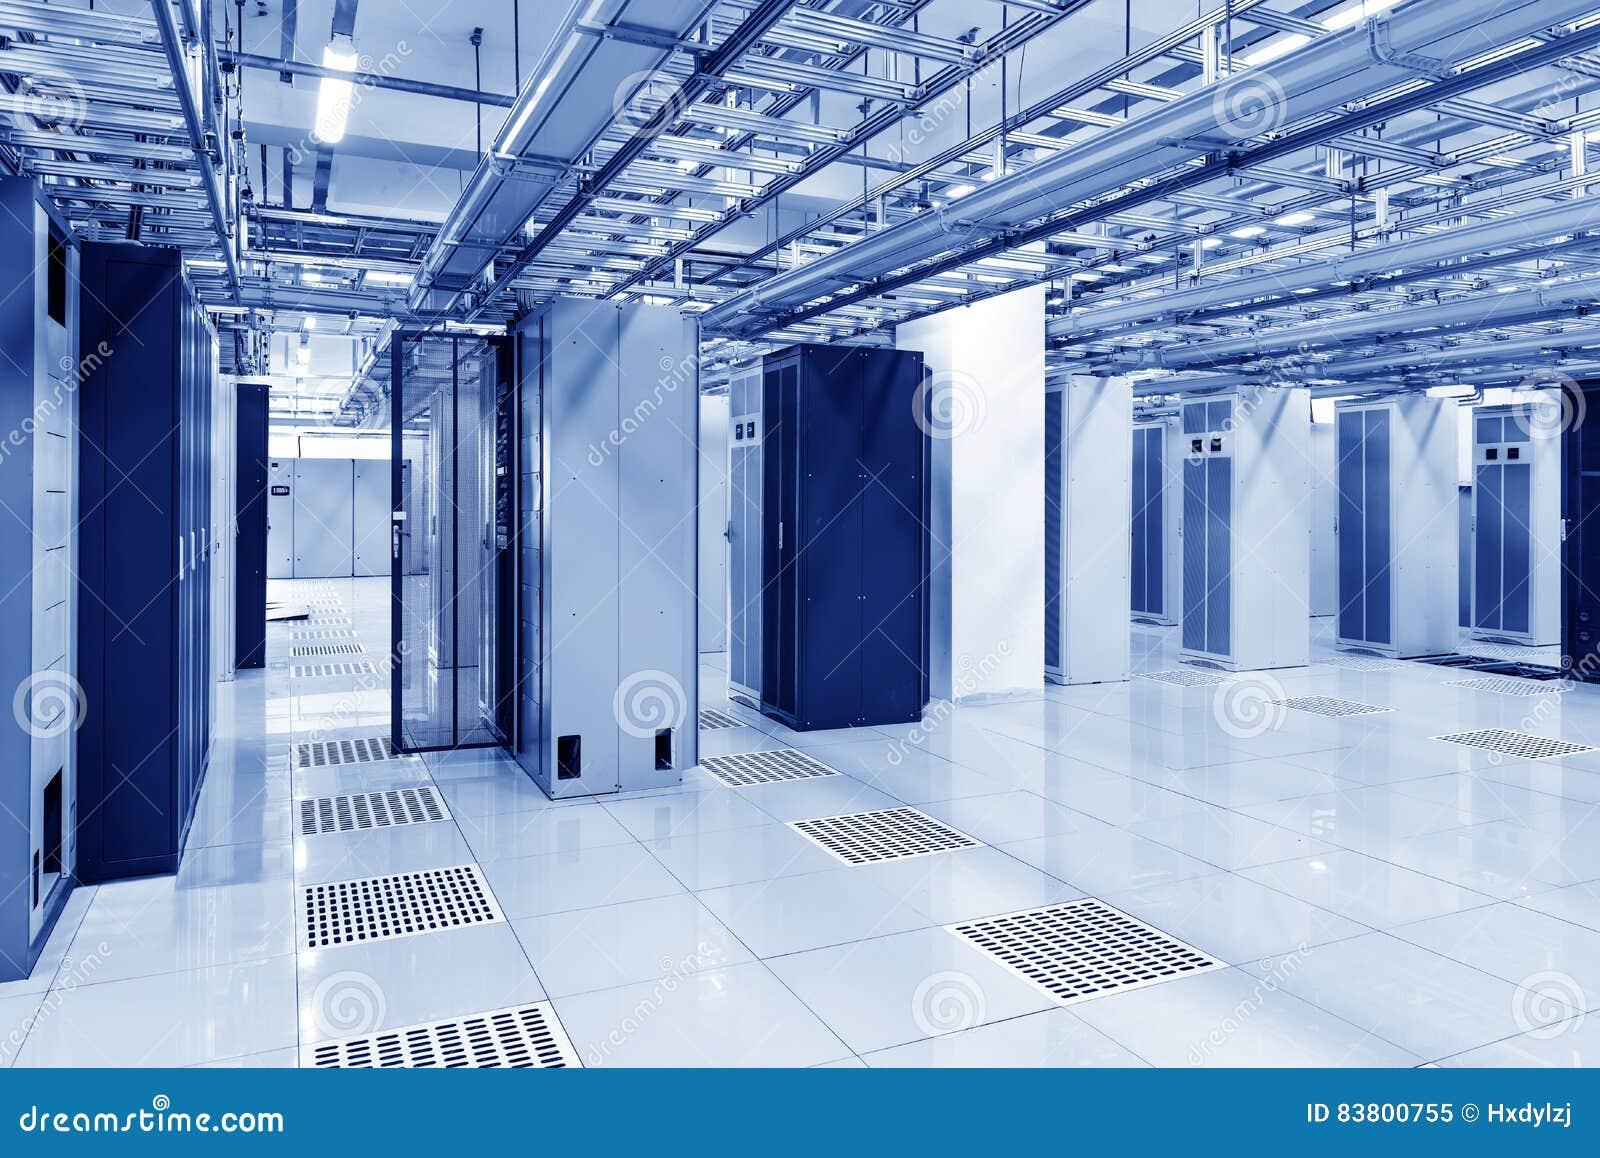 Equipo De Telecomunicaciones En El Cuarto Imagen de archivo ...